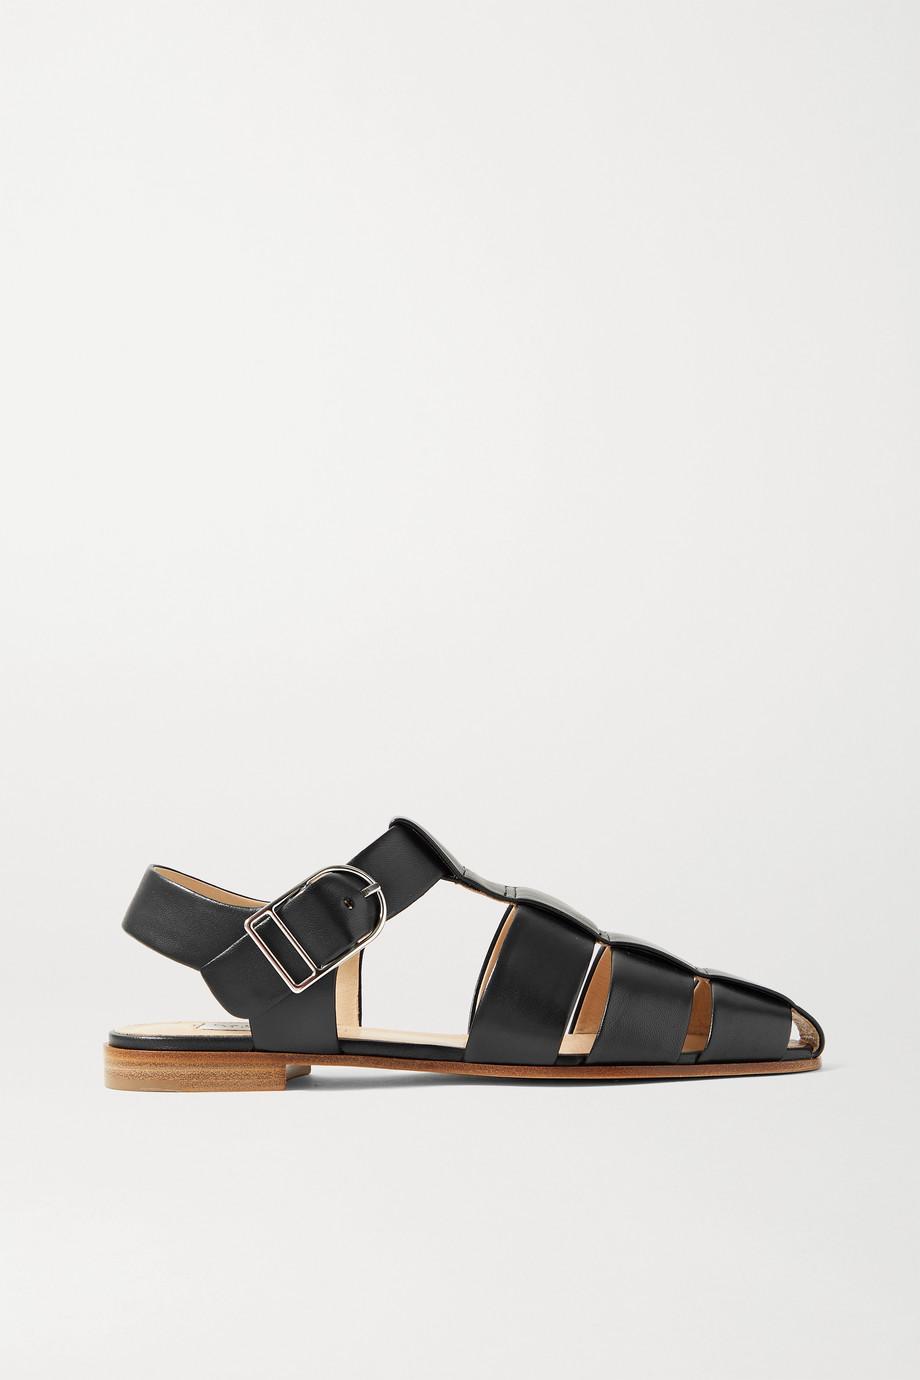 Gabriela Hearst Lynn leather sandals